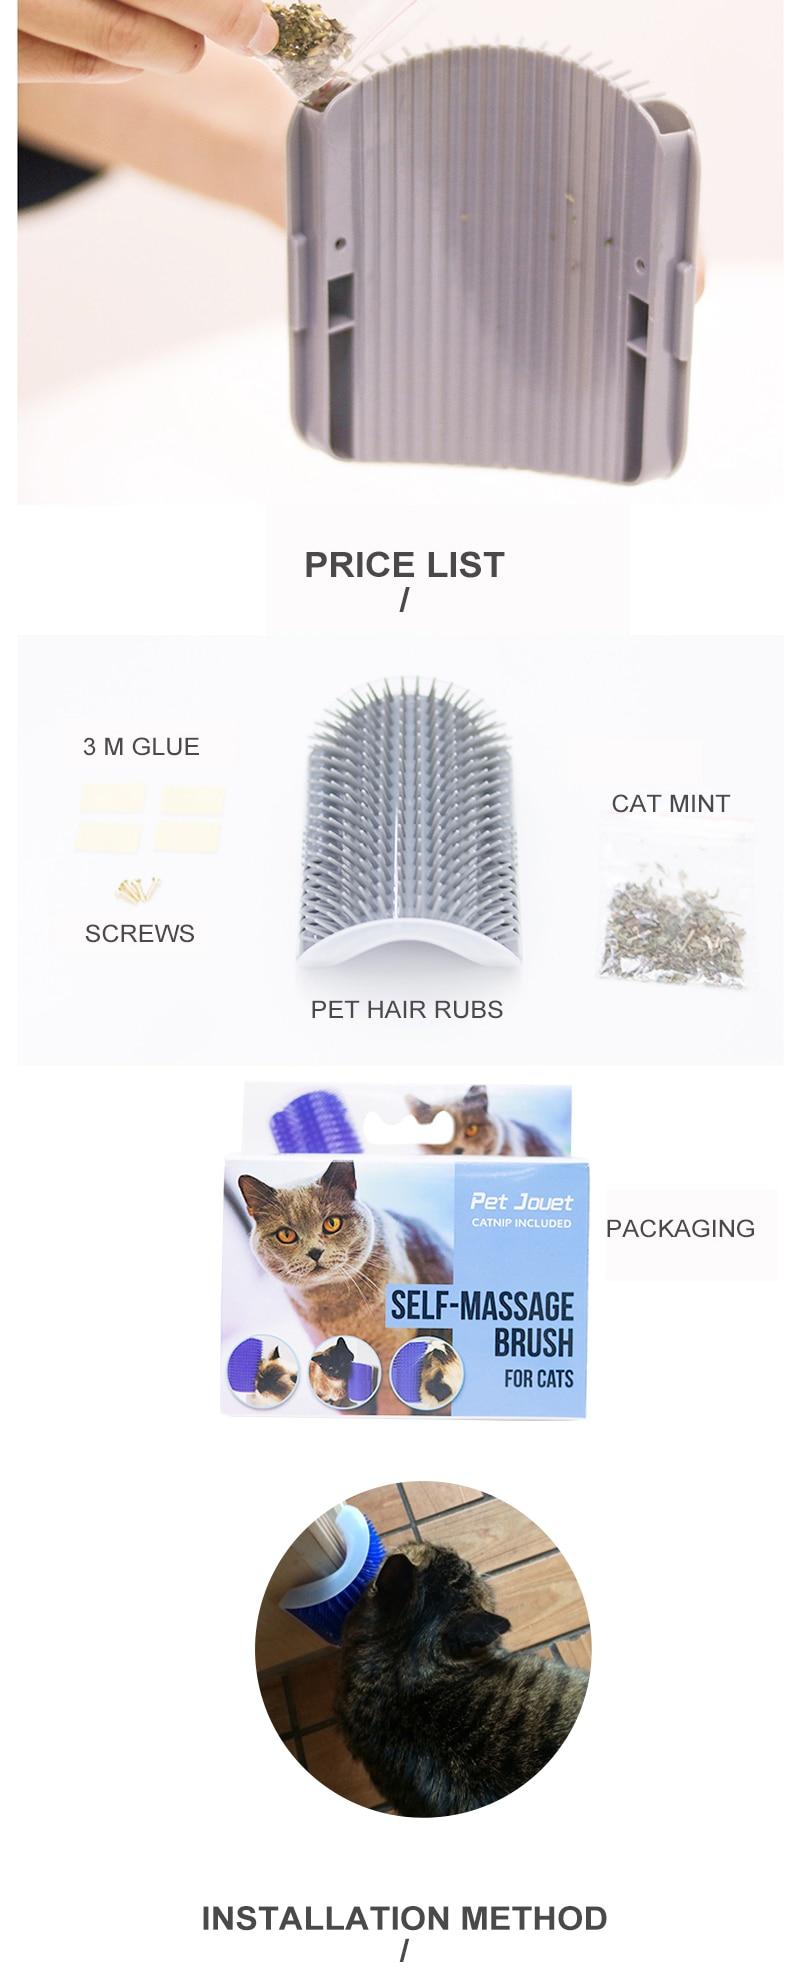 Escova para Gatos | Escova de Massagem para Gatos | Escova de Canto